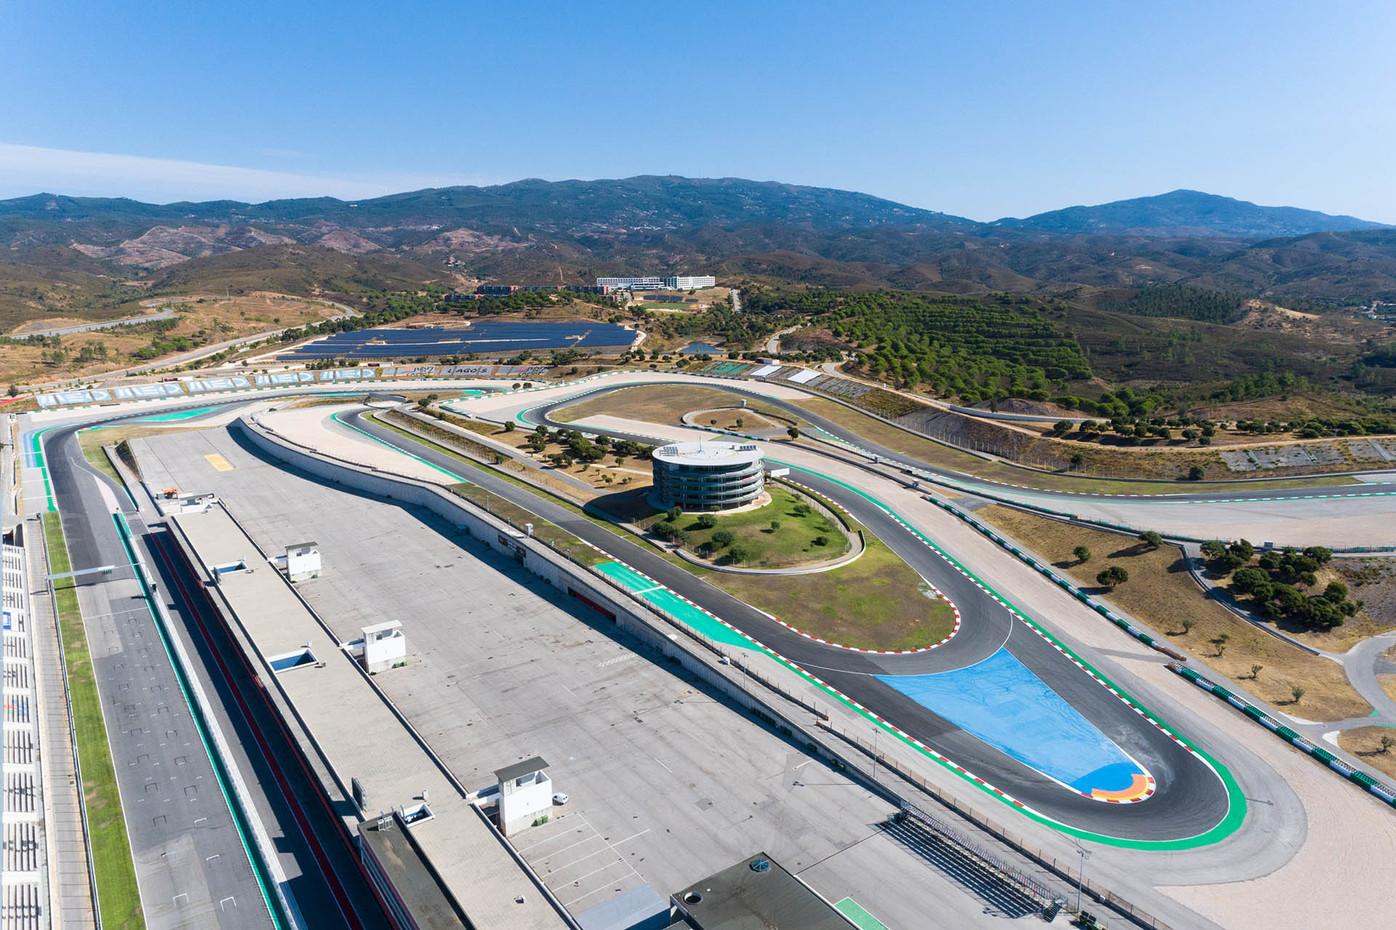 Autódromo Internacional do Algarve   |   Portimão   |   31 de Agosto de 2020